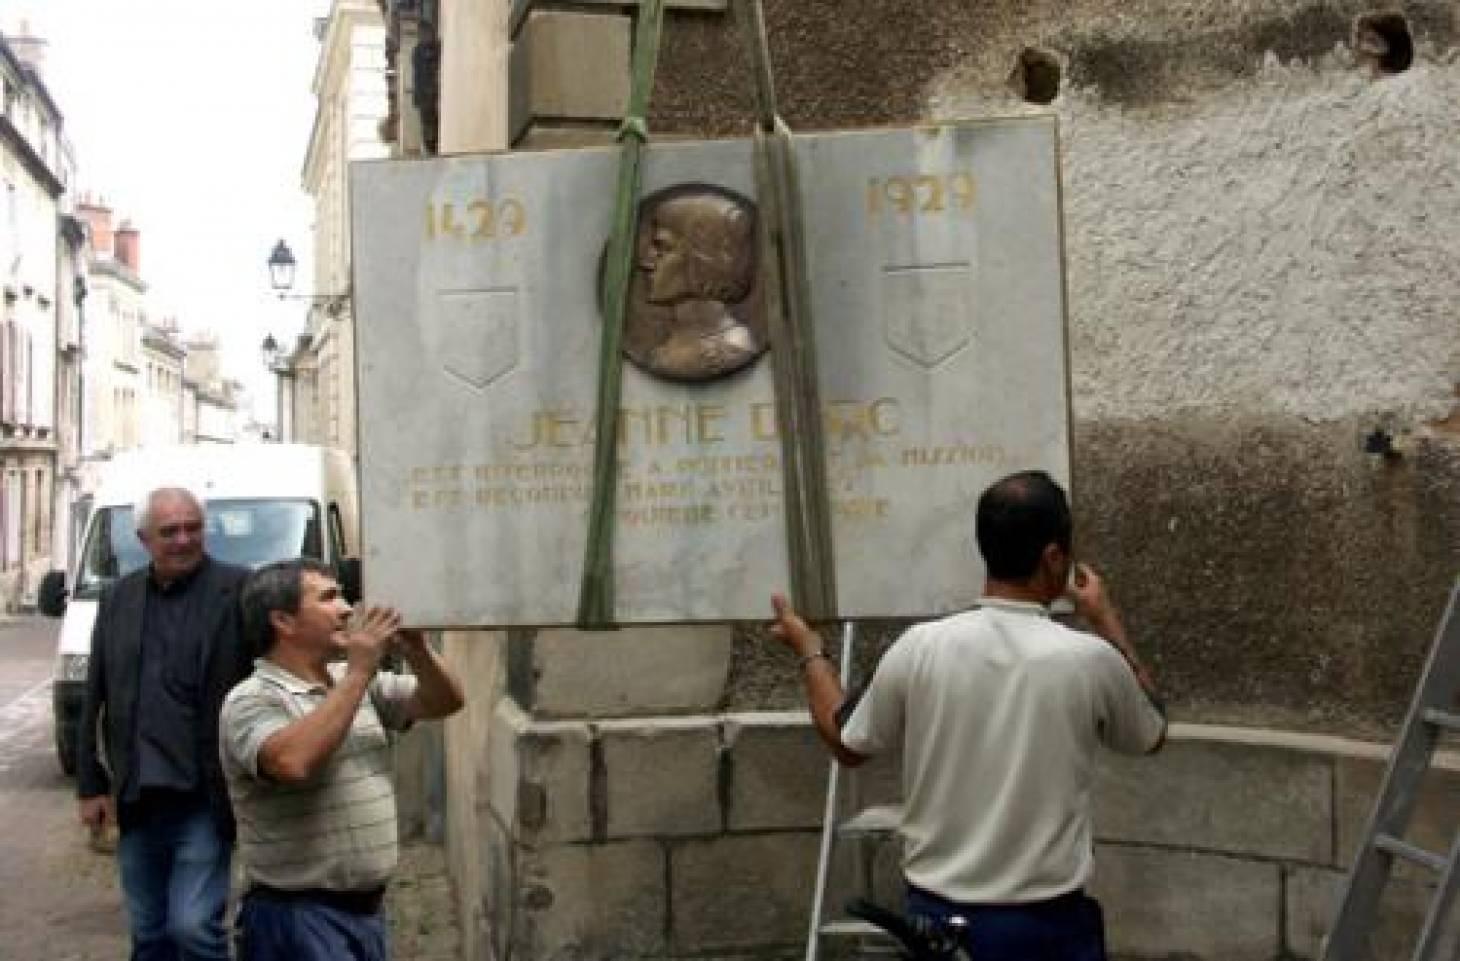 La plaque de Jeanne d'Arc remise en place